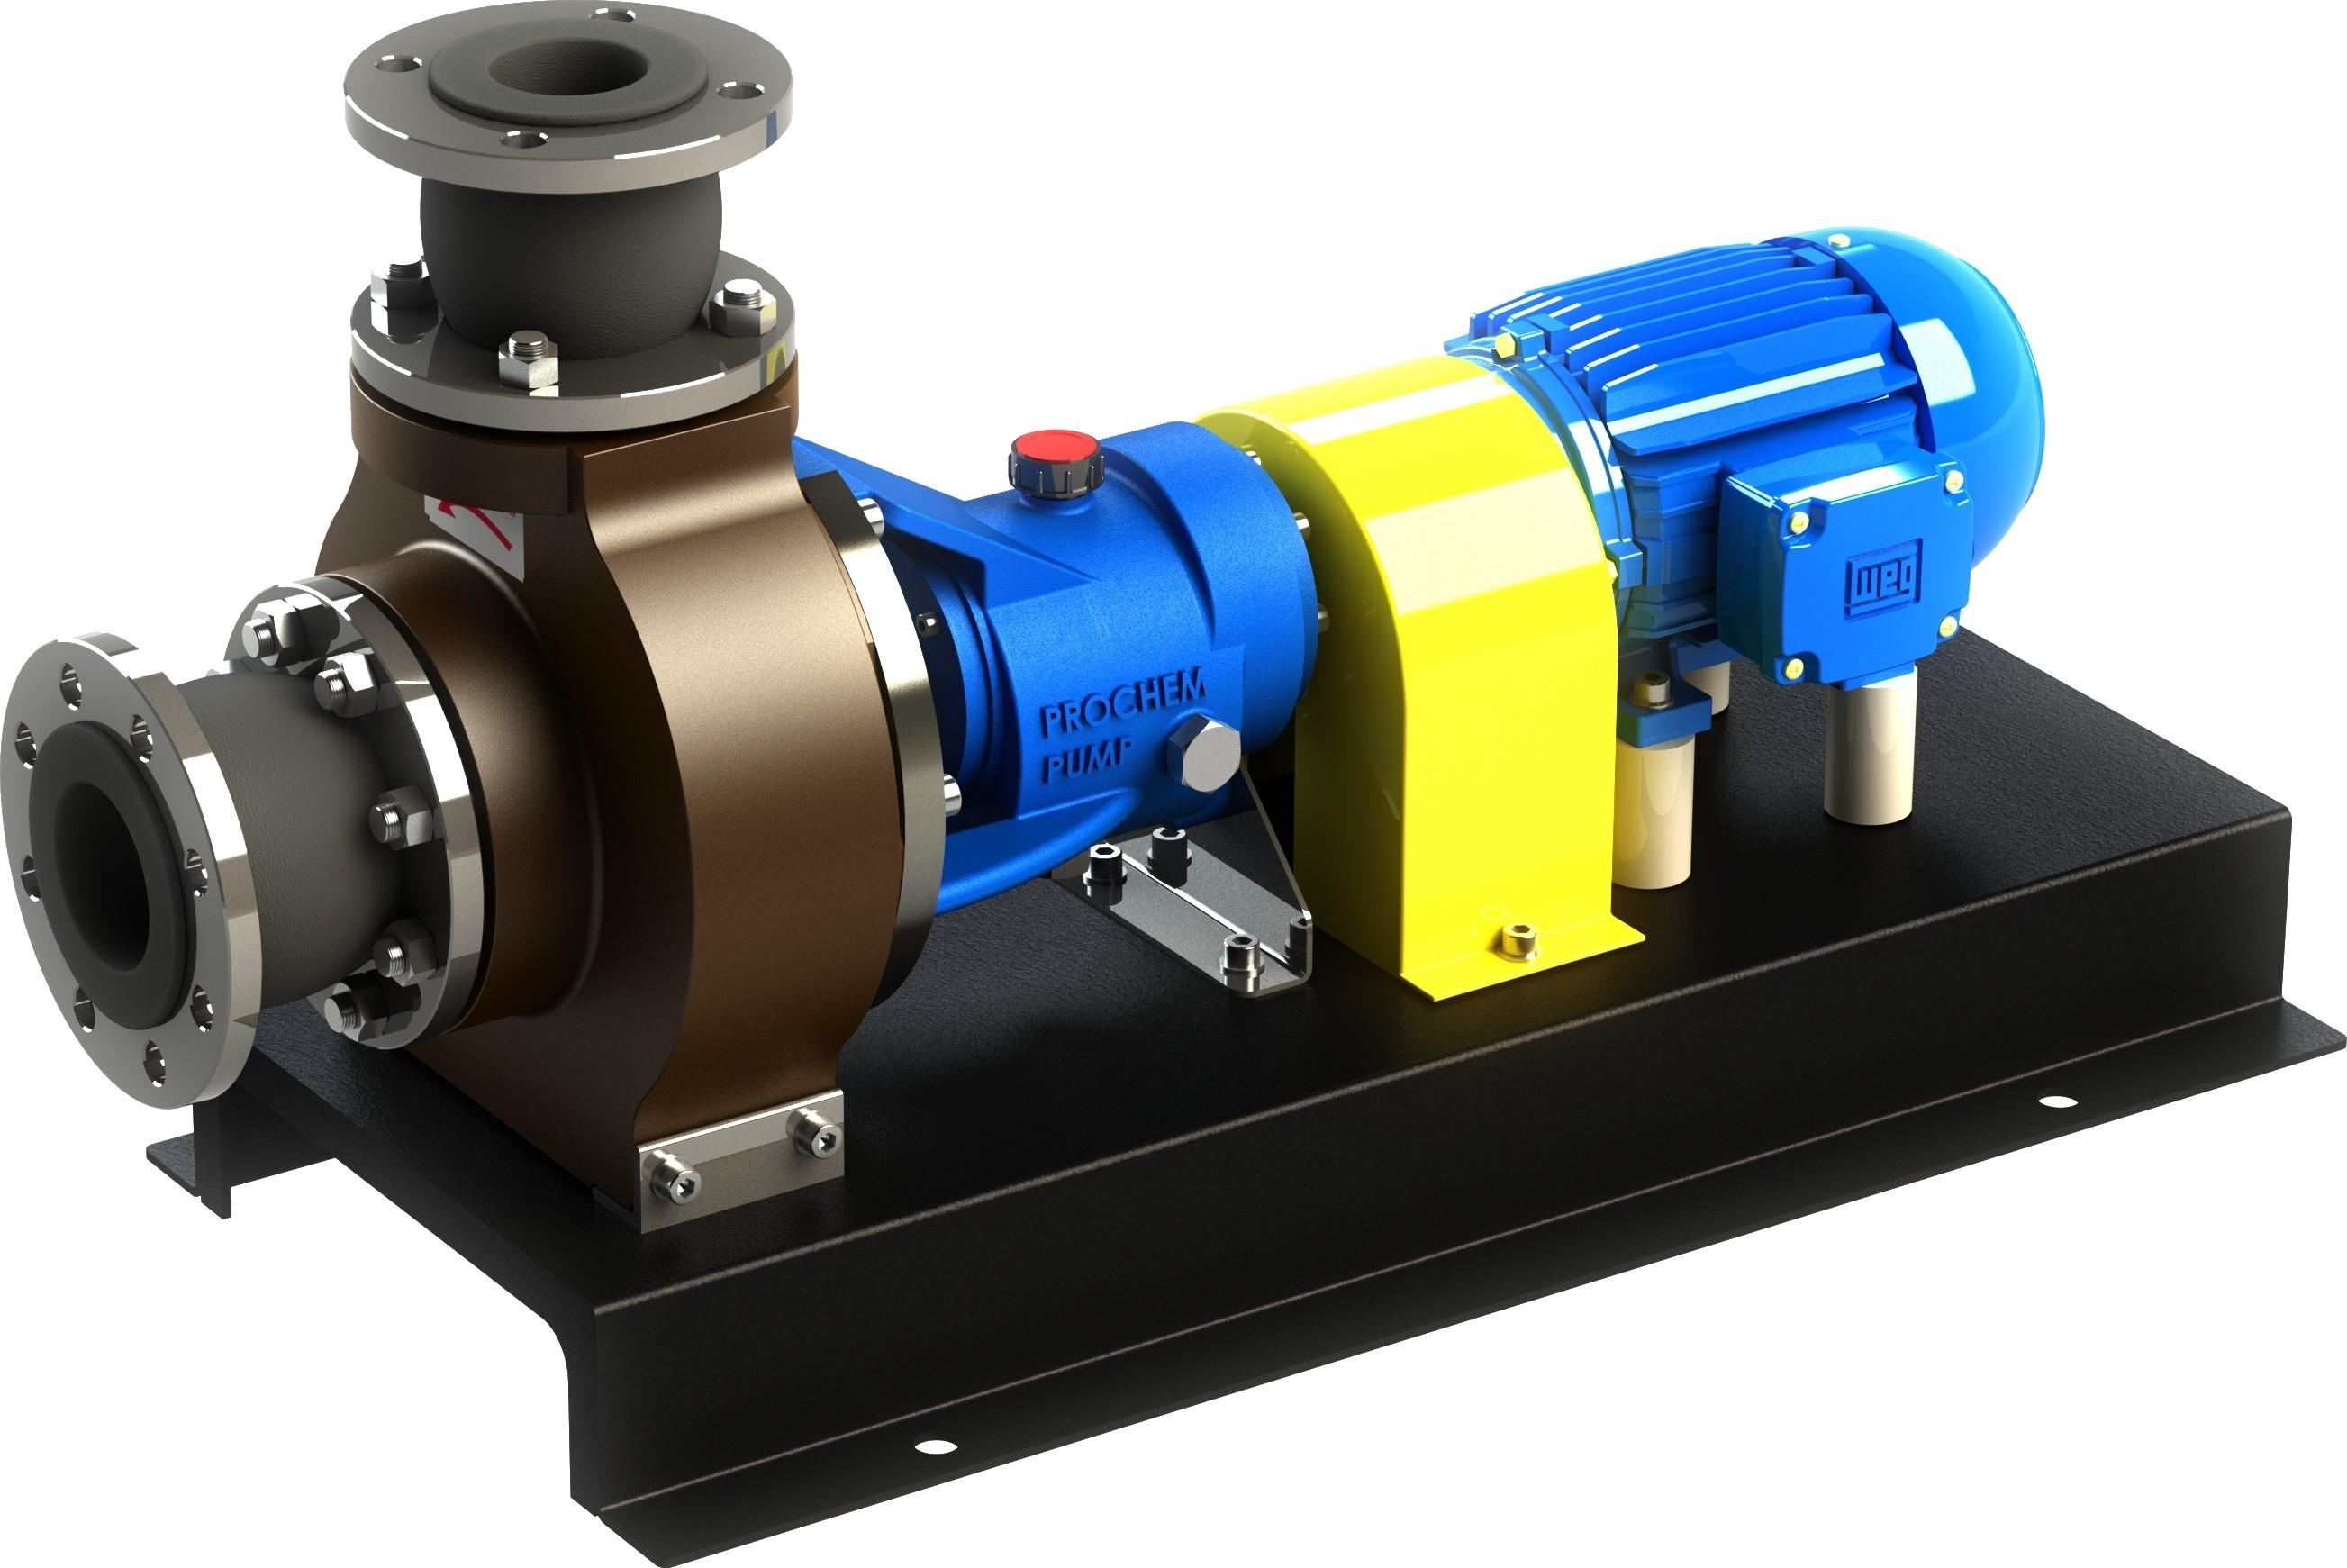 Prochem Pump Manufacturing | LinkedIn